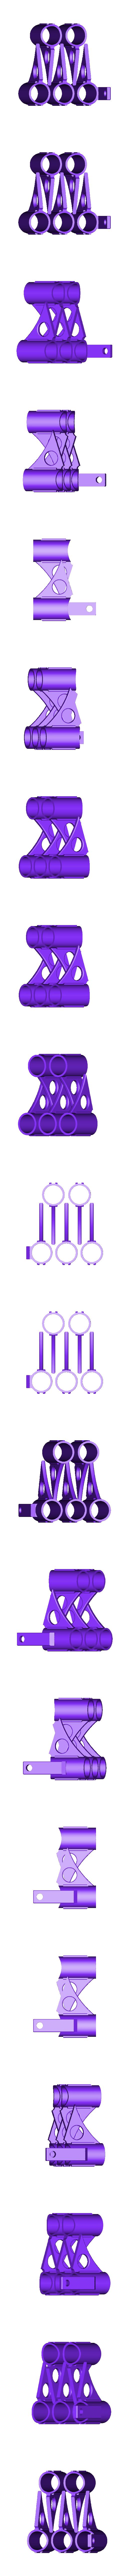 radial_body_2.0.stl Télécharger fichier STL gratuit Moteur radial ou Hula • Design à imprimer en 3D, Mathorethan